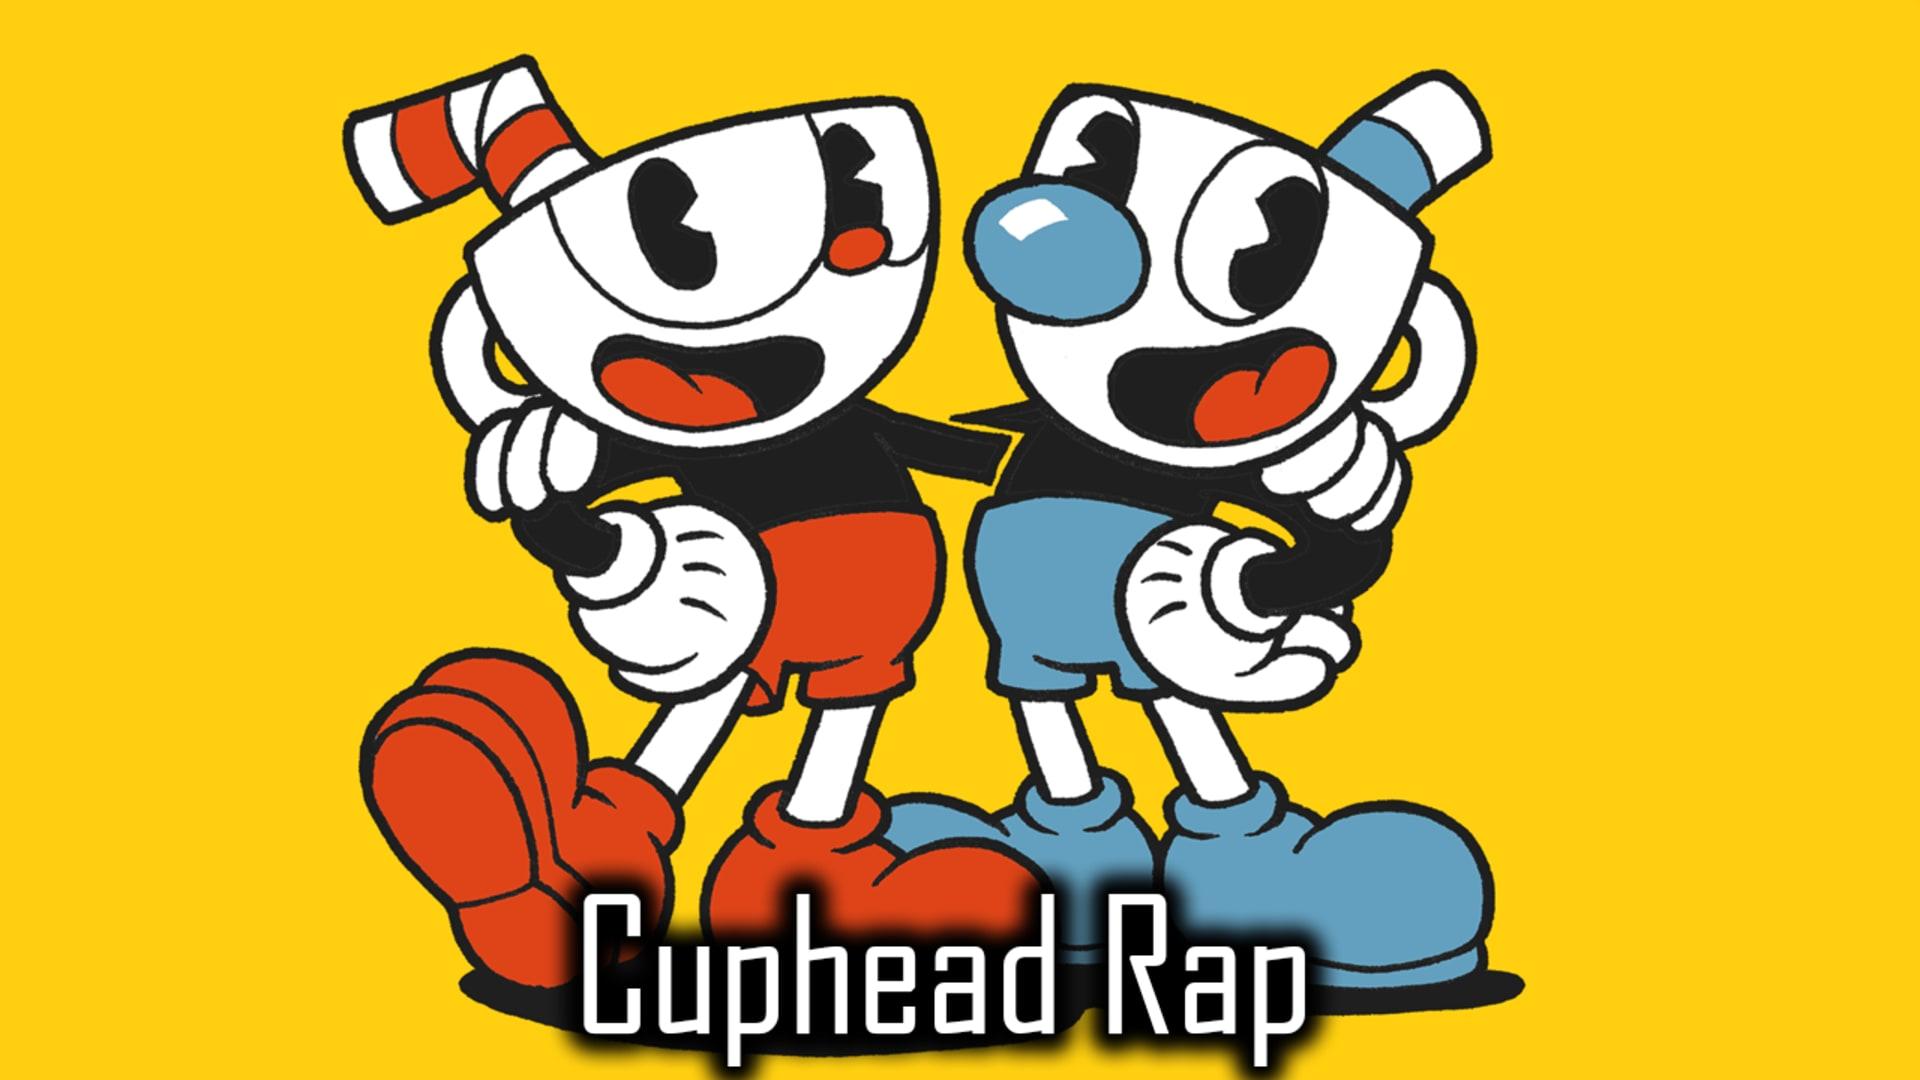 Cuphead Rap - Rooster Teeth